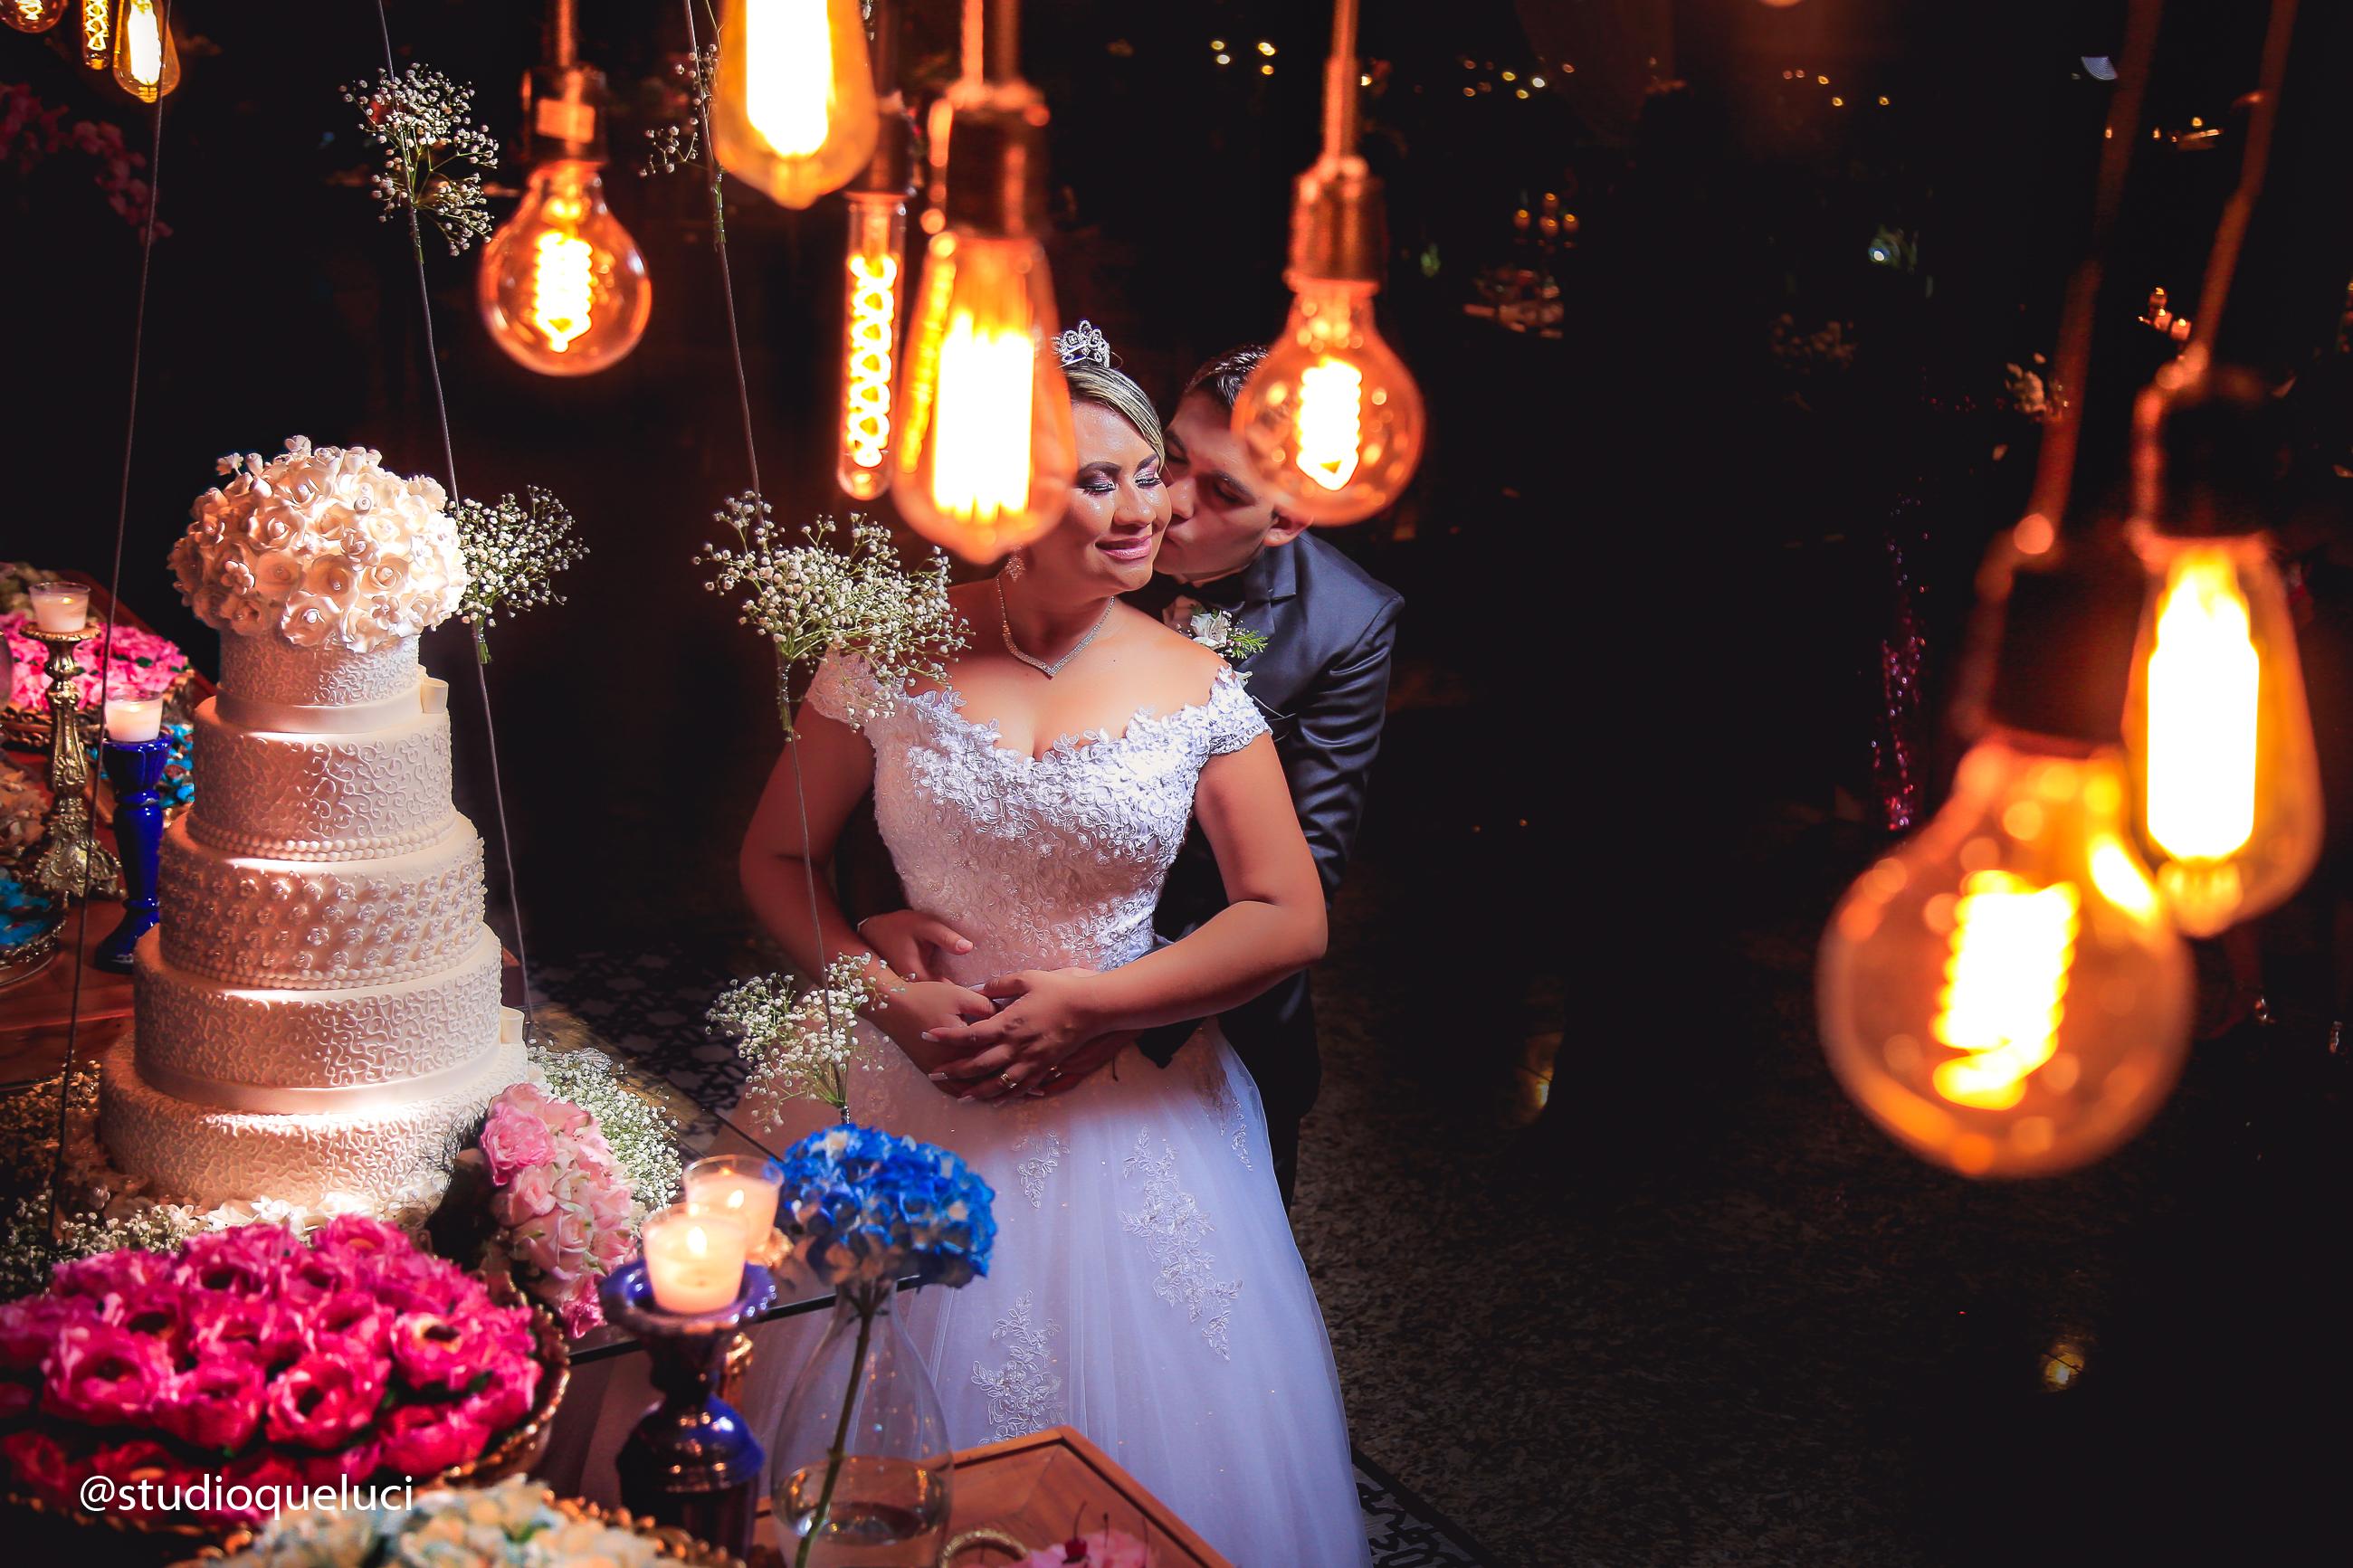 Casamento no Vale dos sonhos em Campo Grande RJ (35)